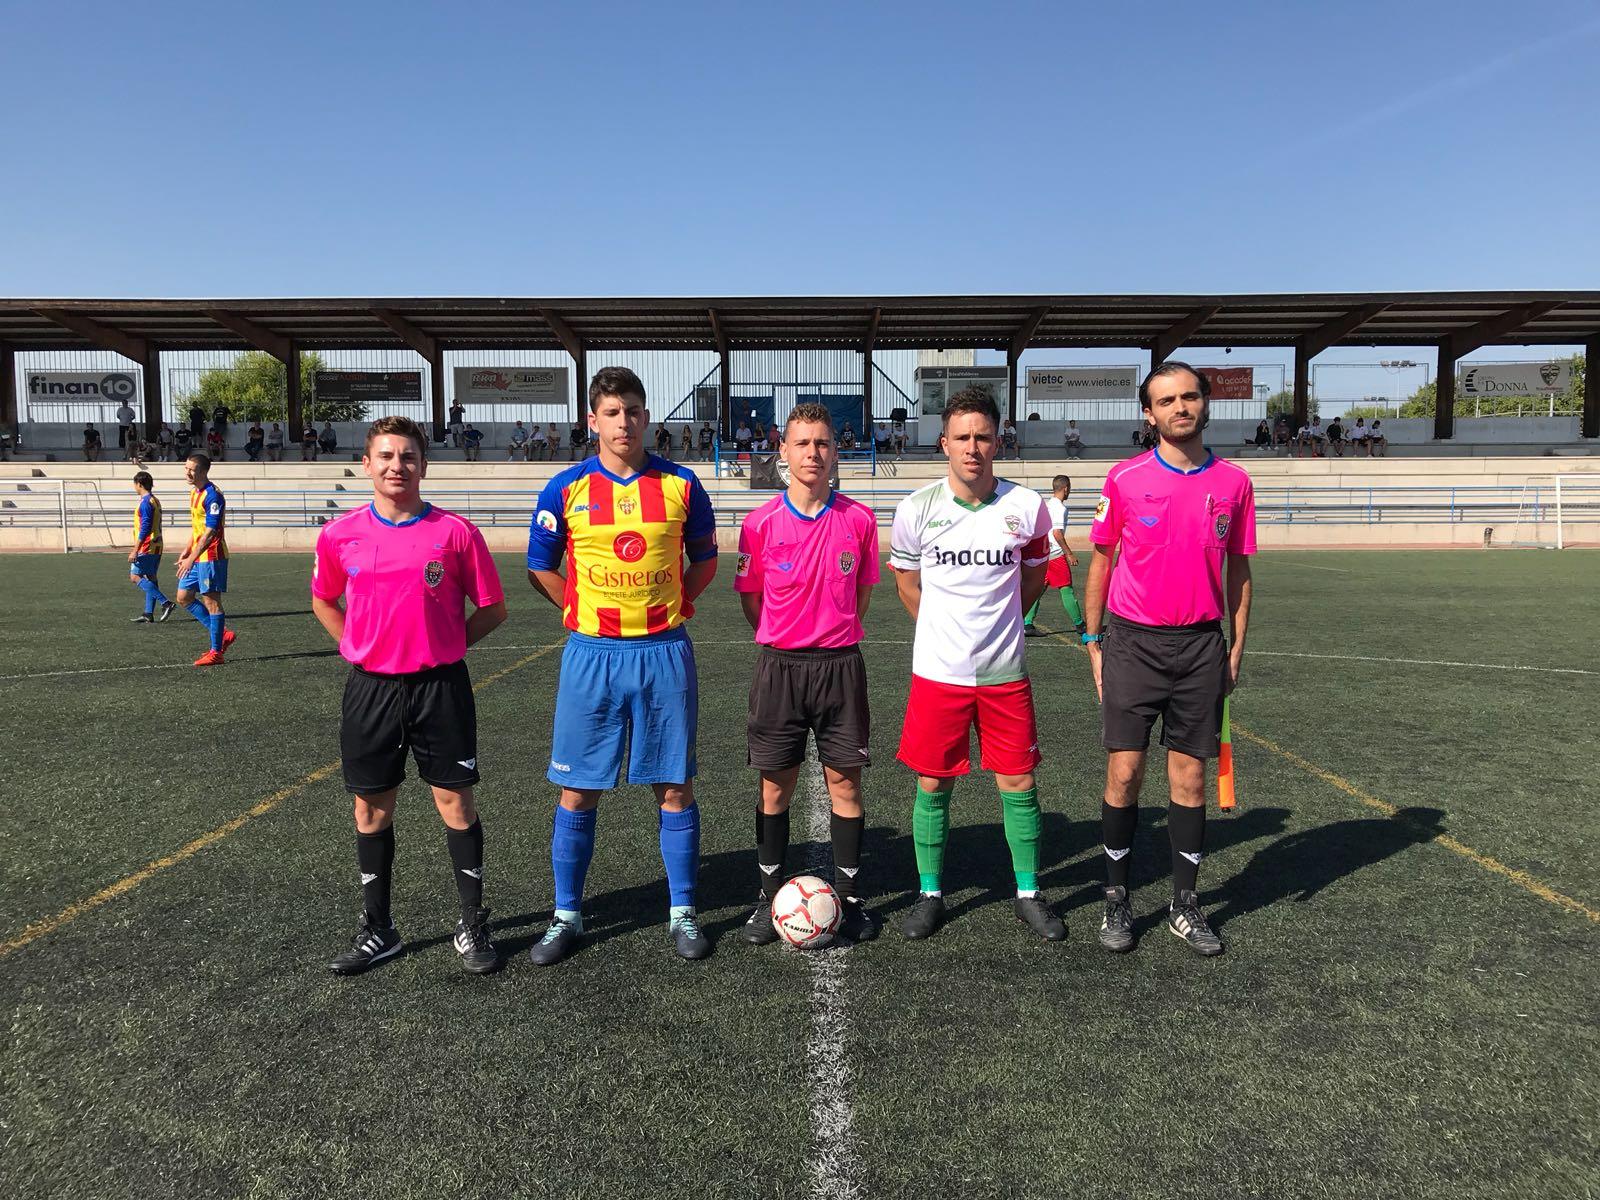 PREFERENTE/Nuevo empate para nuestro equipo Aficionado frente a C.D. Yébenes-San Bruno